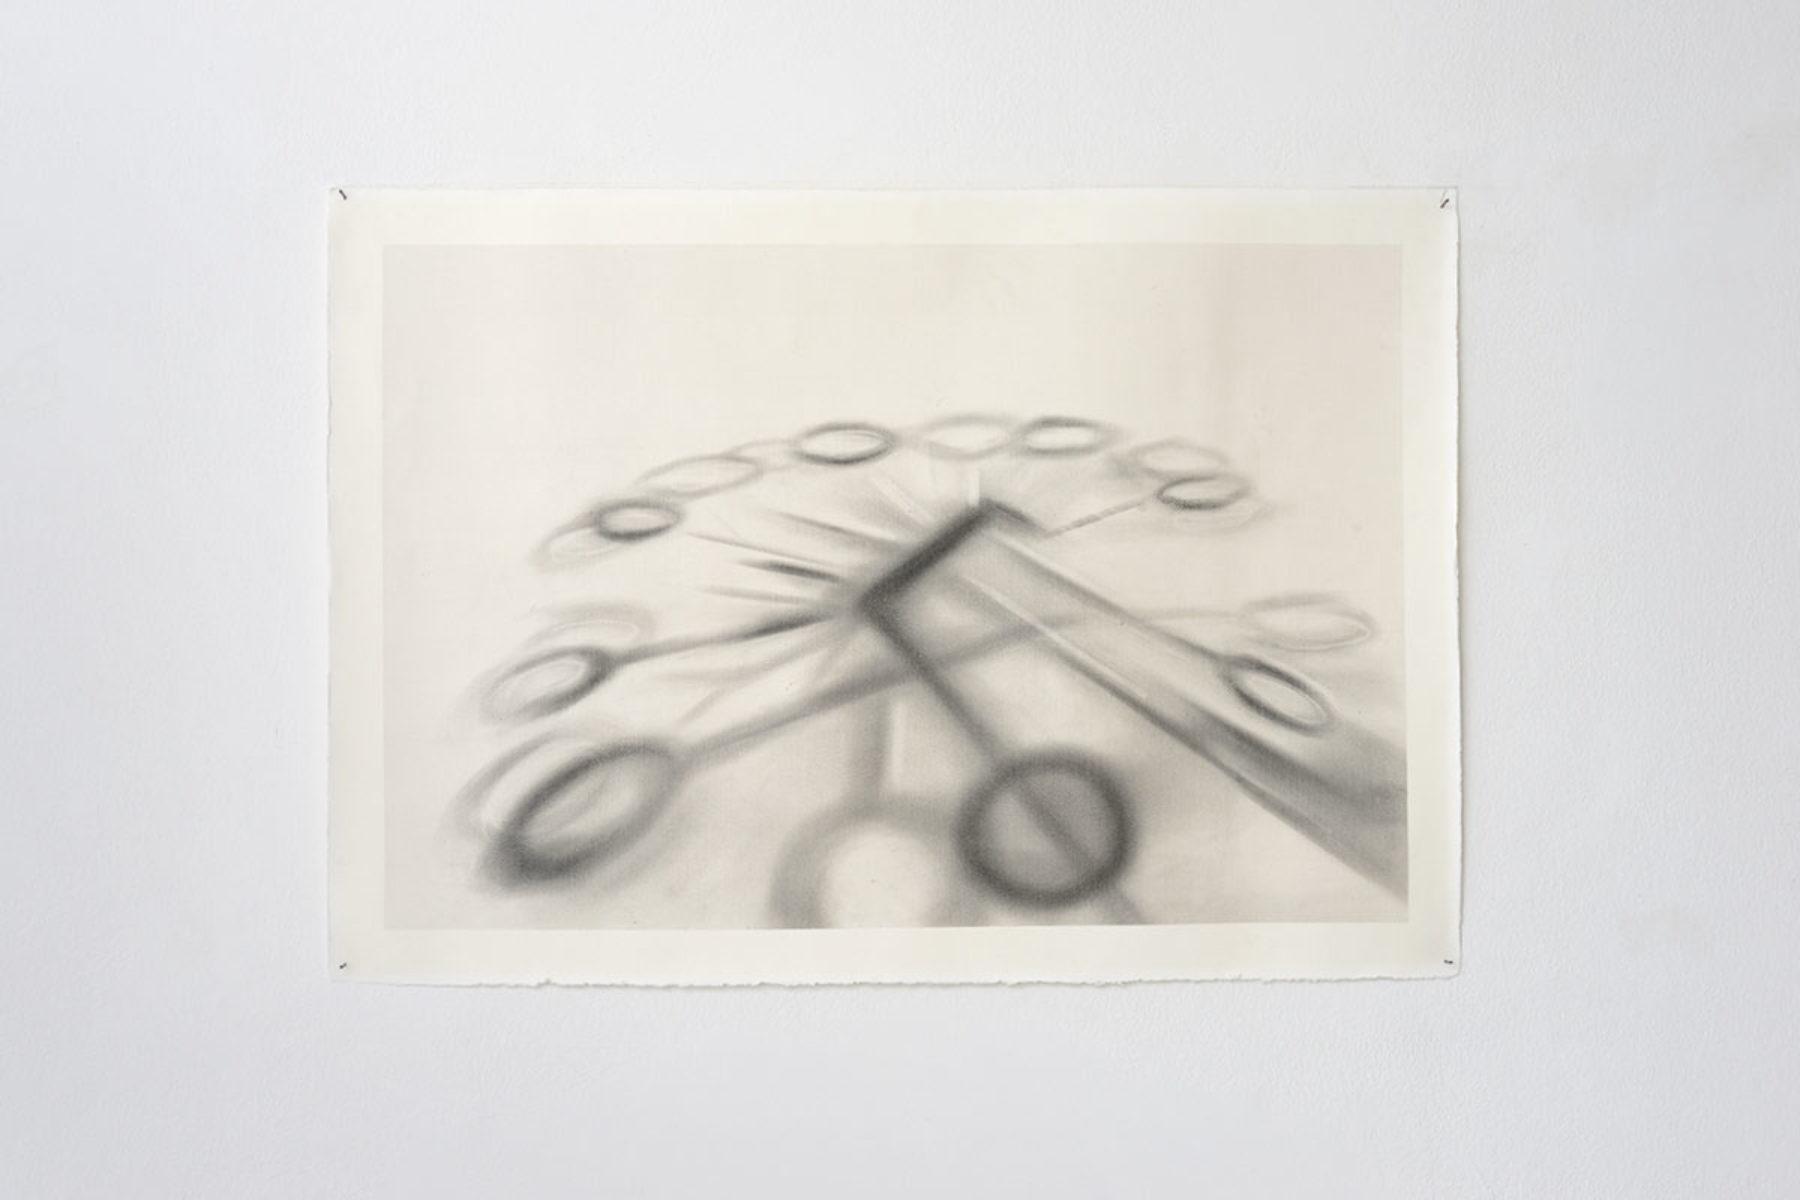 Antonio Marchetti Lamera, Raggi ombrosi, 2019, graphite on paper, 70 x 100 cm, Studio la Città, Verona, ph. M.A. Sereni